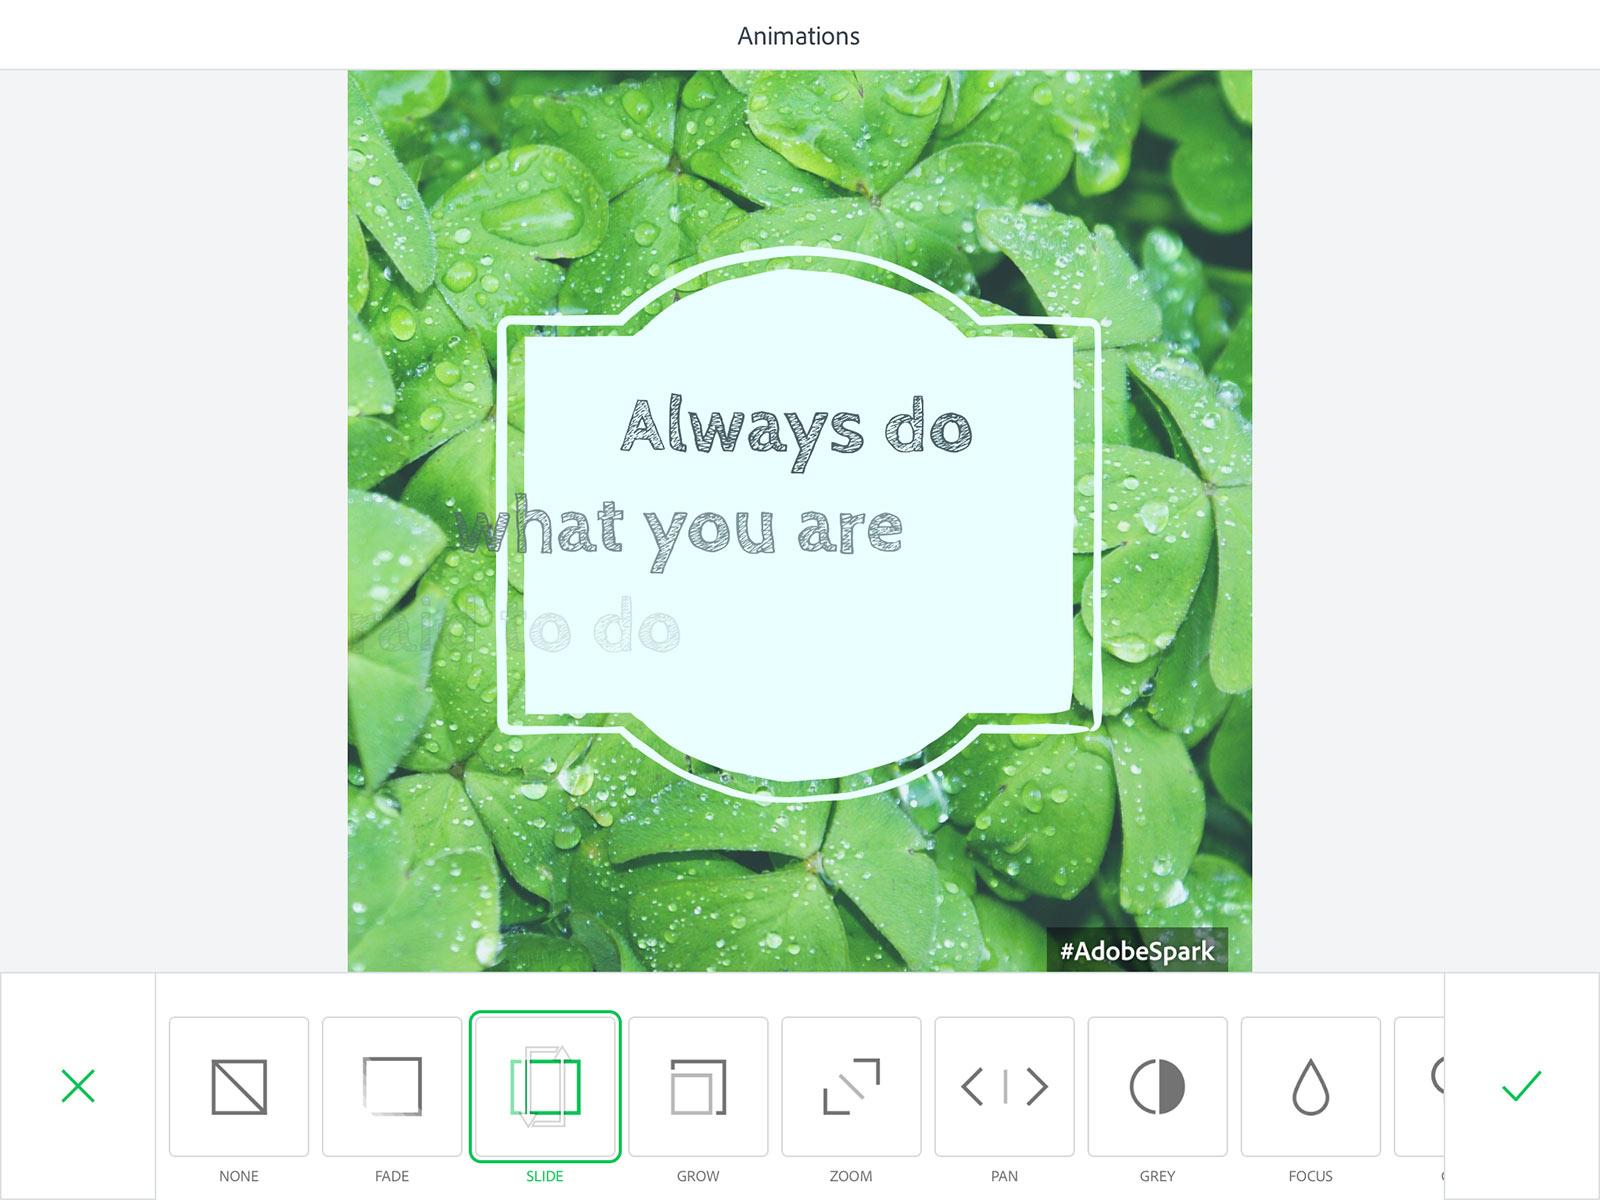 Adobe Spark Post: Mobile app